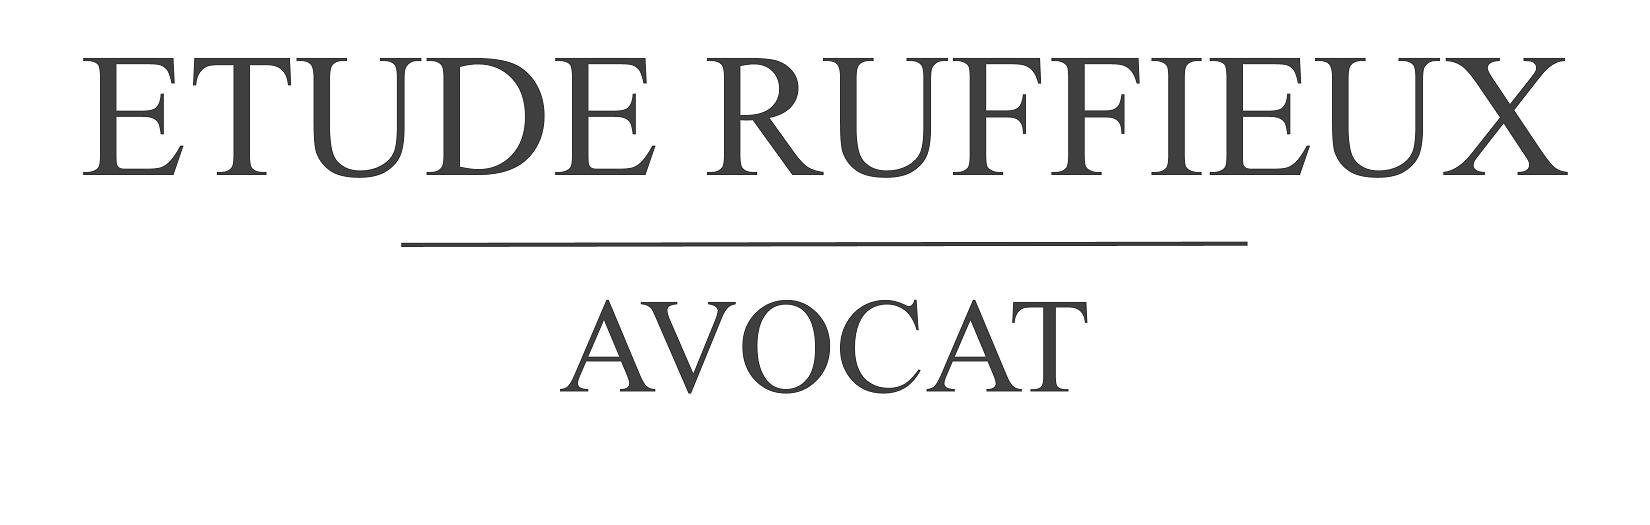 Etude RUFFIEUX Avocat